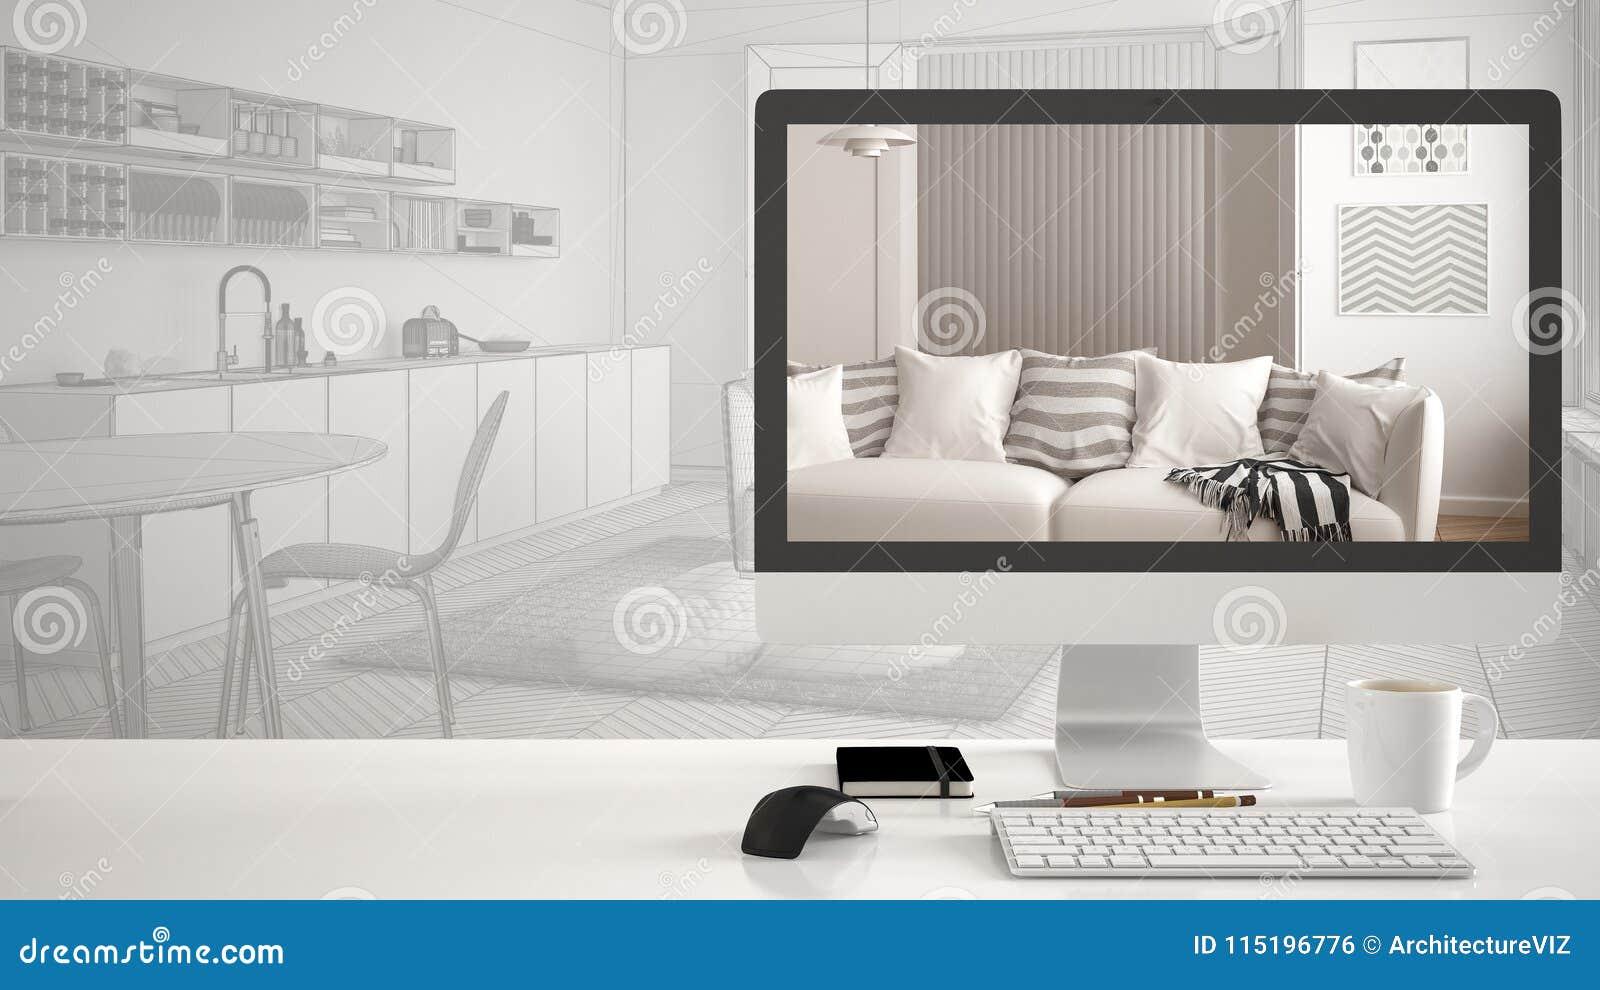 Έννοια προγράμματος σπιτιών αρχιτεκτόνων, υπολογιστής γραφείου στο άσπρο γραφείο εργασίας που παρουσιάζει σύγχρονο καθιστικό, εσω